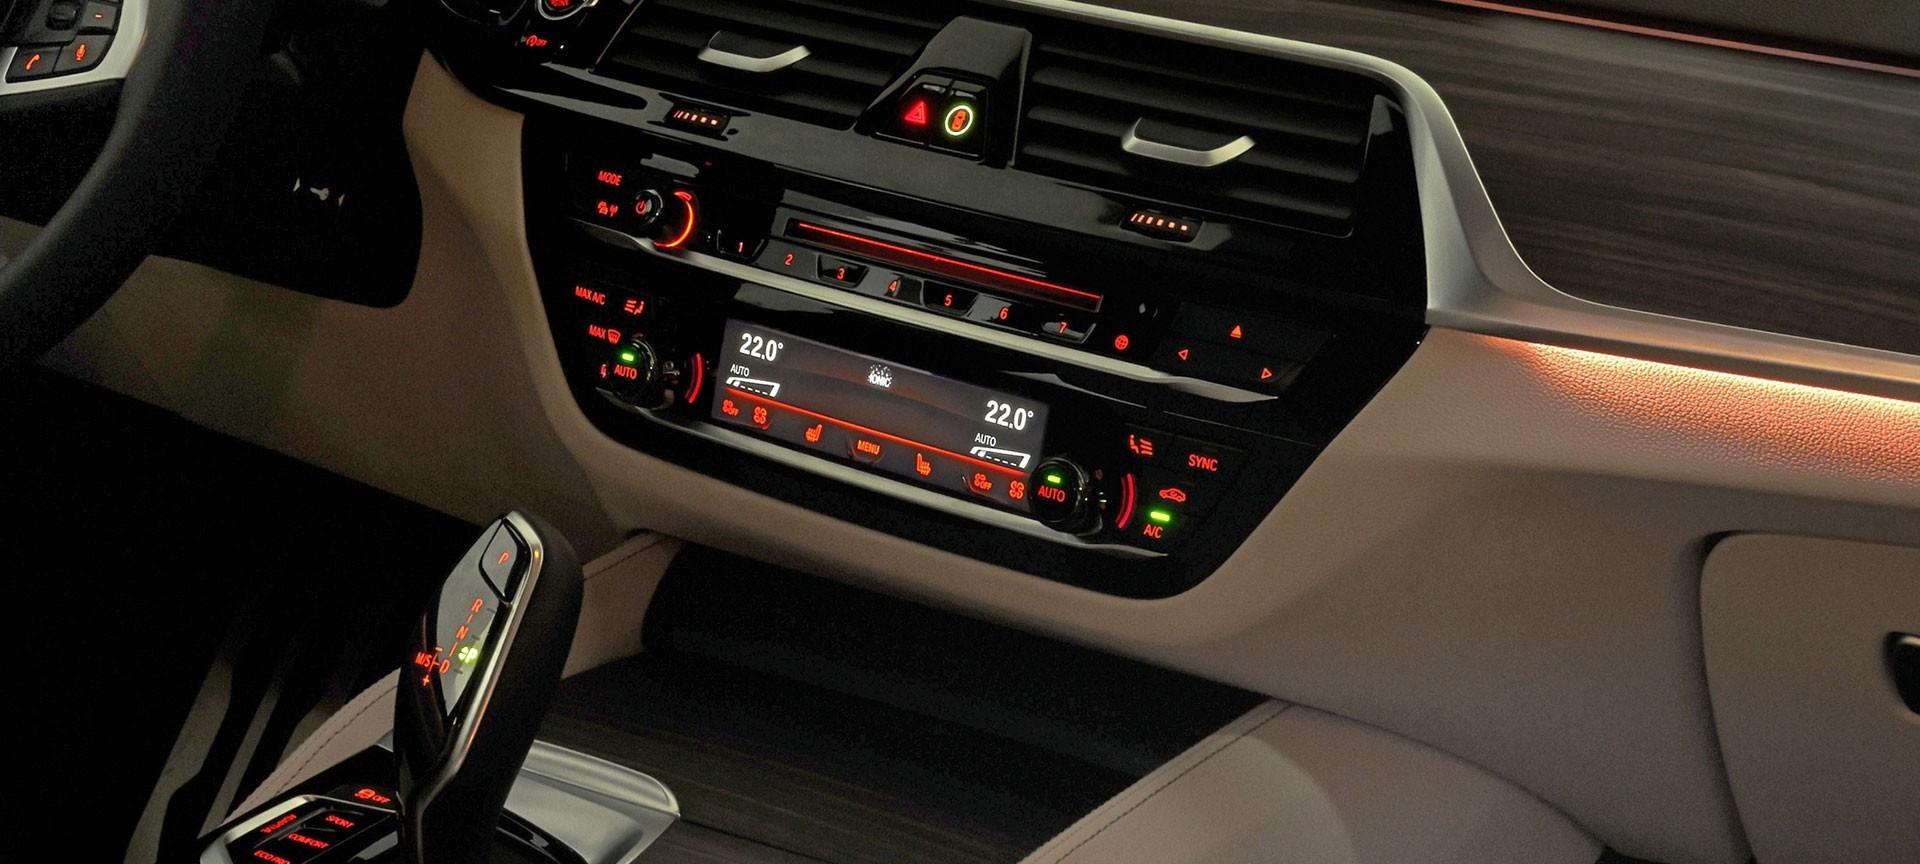 Ce ignoră, de obicei, posesorii de BMW când vine vorba despre aerul condiţionat servicing-repairs-airconditioning-header-mobile-1920x864.jpeg